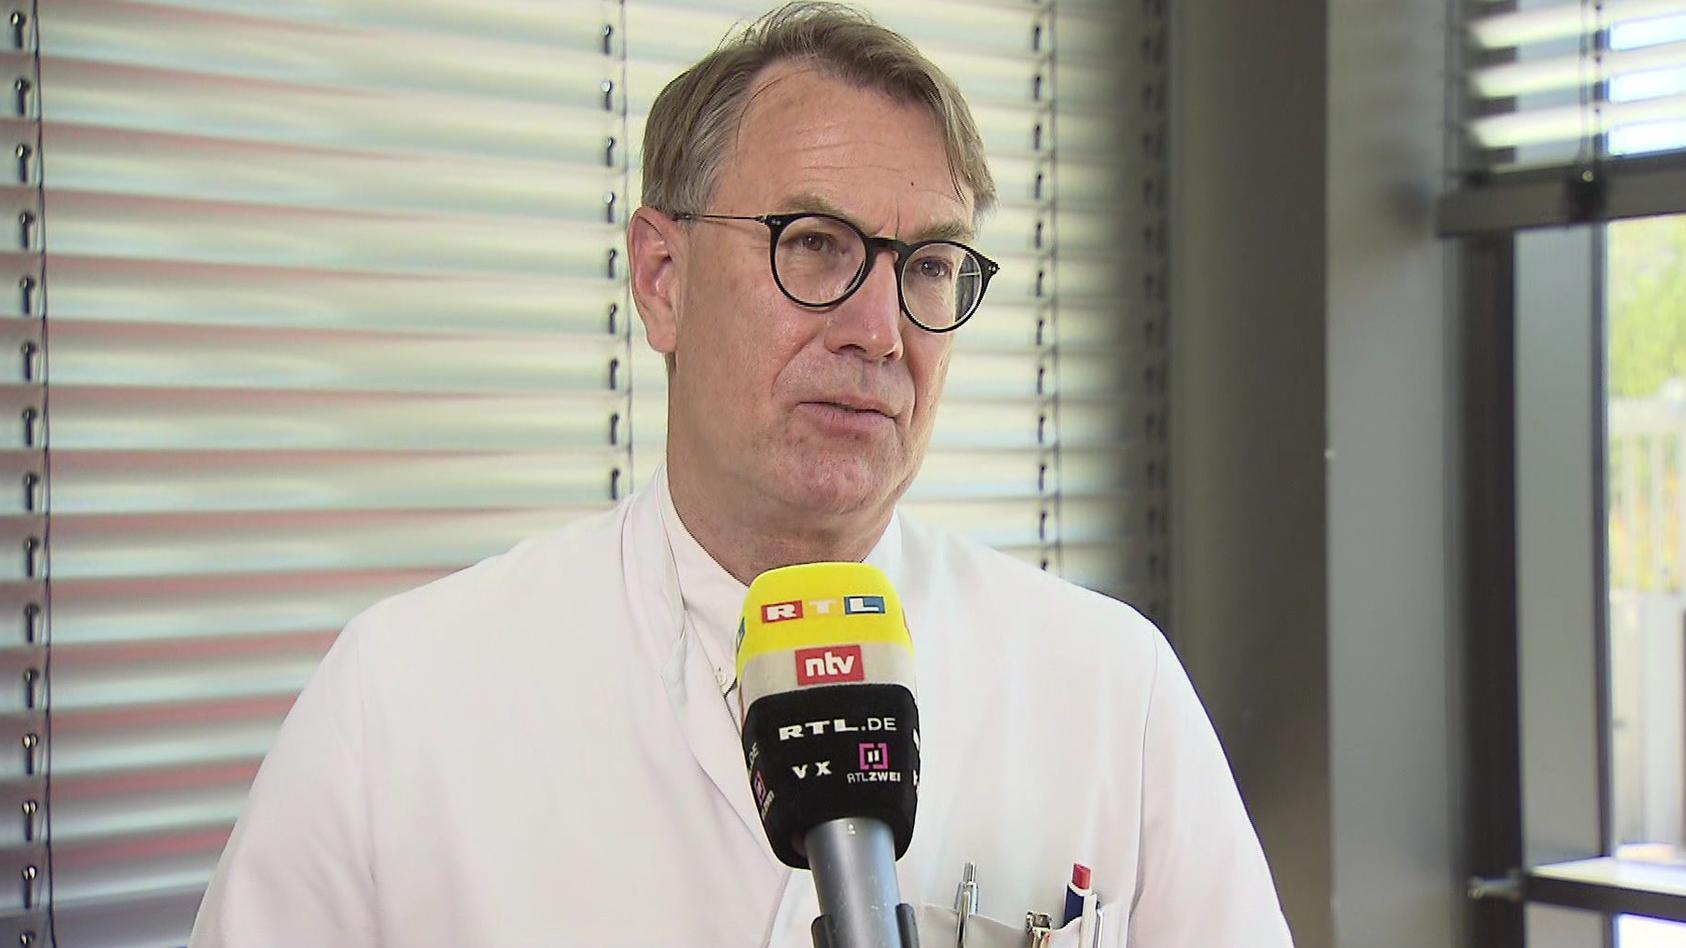 Dr. Zinn schätzt ein, ob ein Zusammenhang zwischen Herzmuskelentzündungen und Biontech-Impfungen bestehen könnte.